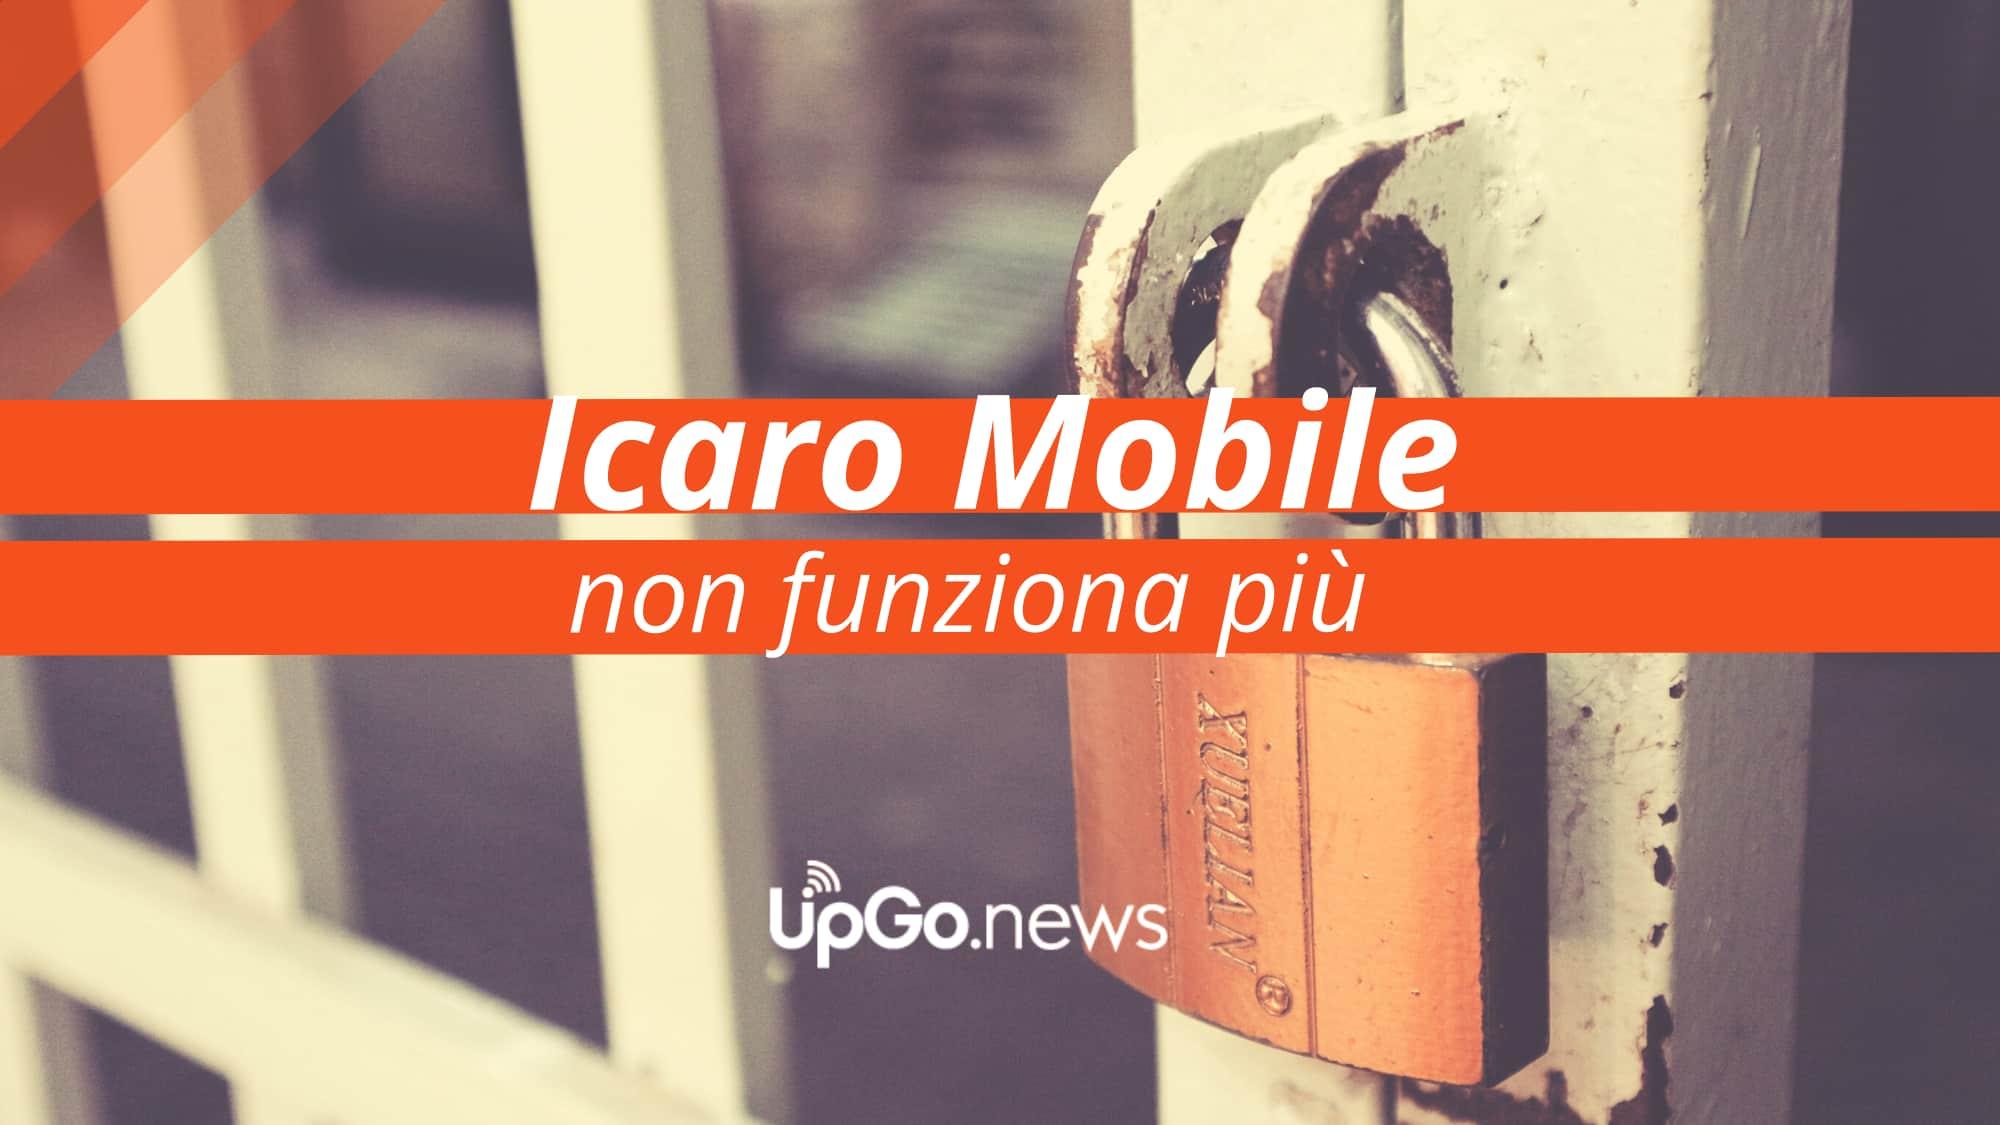 Icaro Mobile non funziona